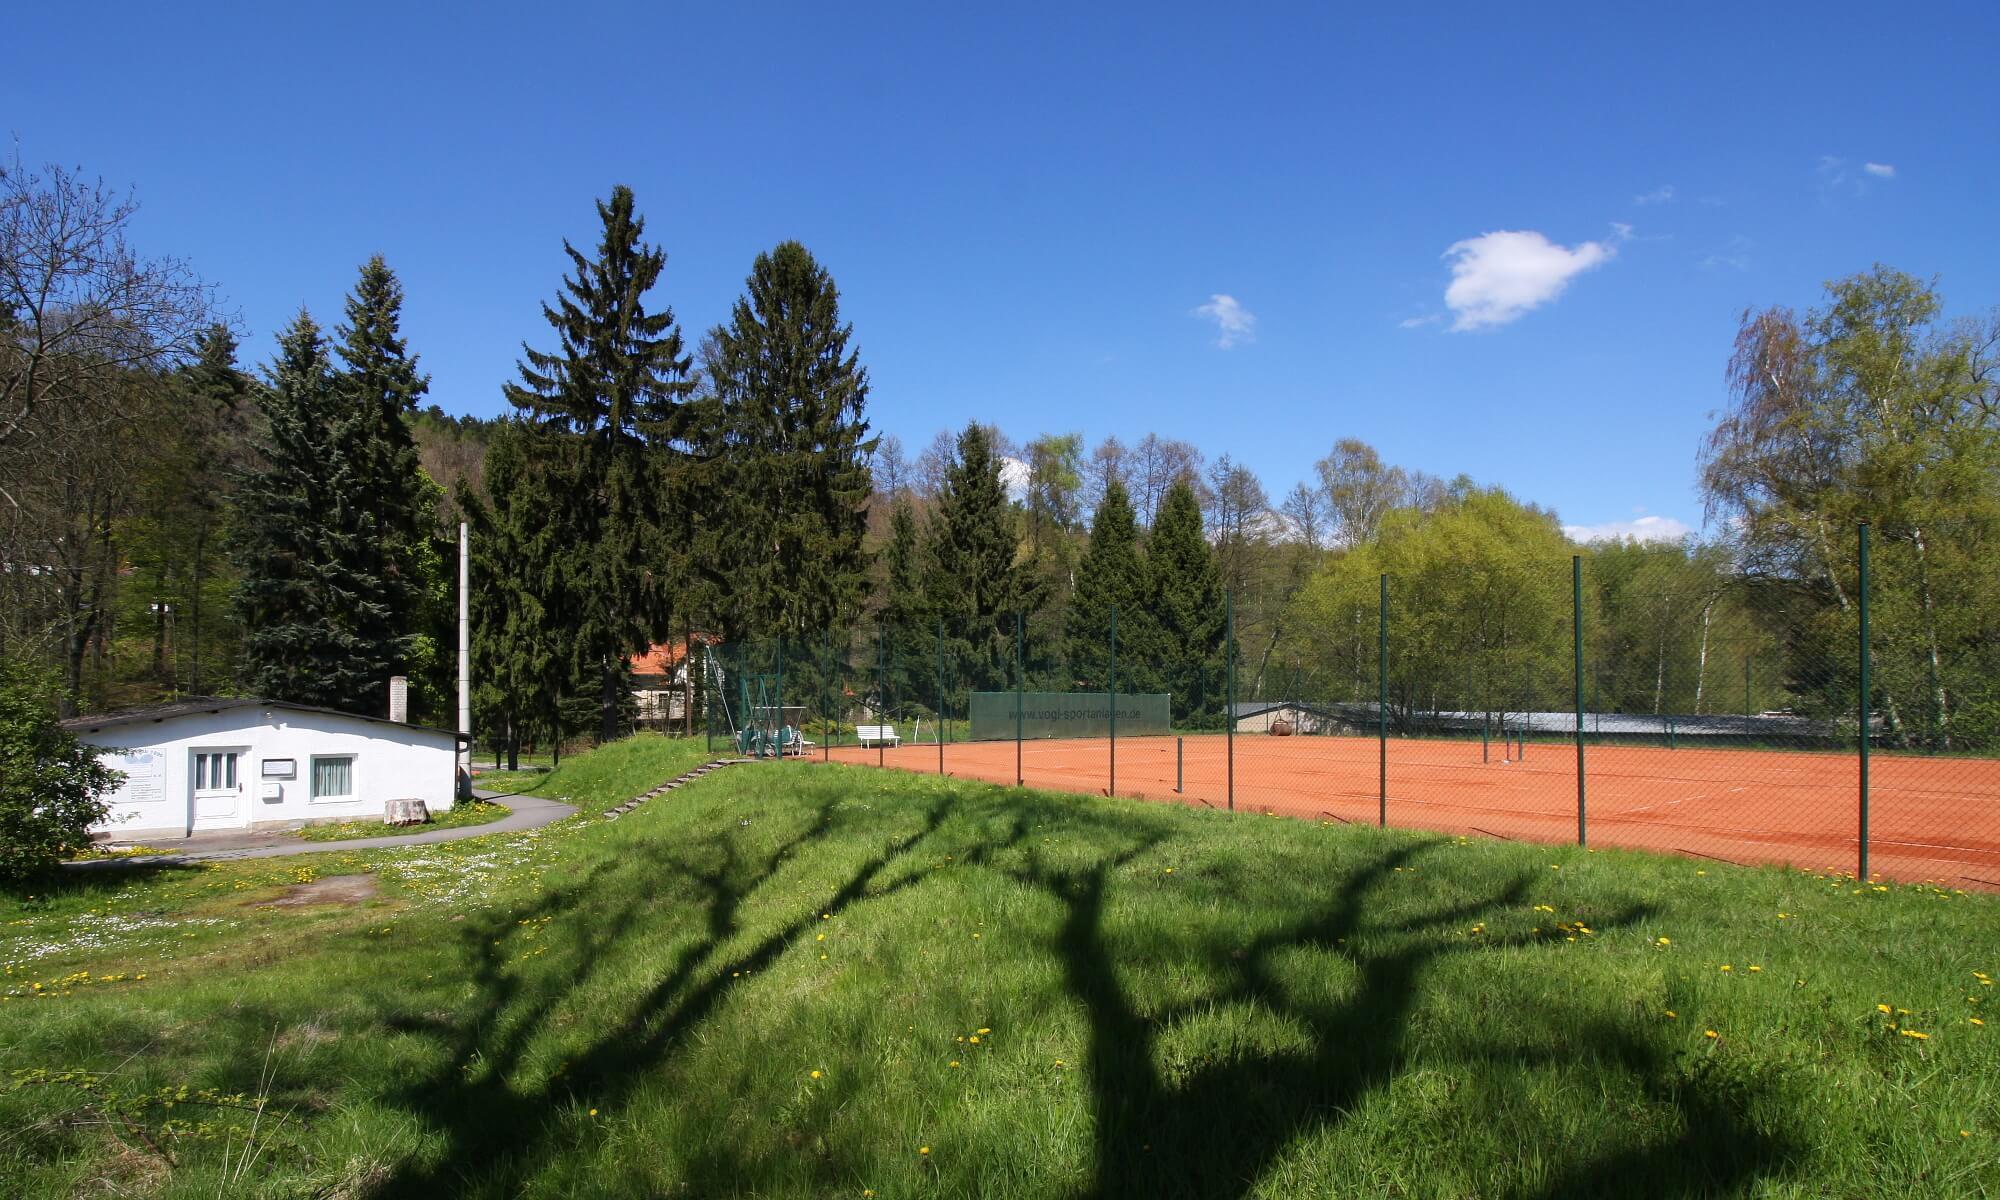 Herzlich Willkommen beim Tennisclub aus Berggießhübel